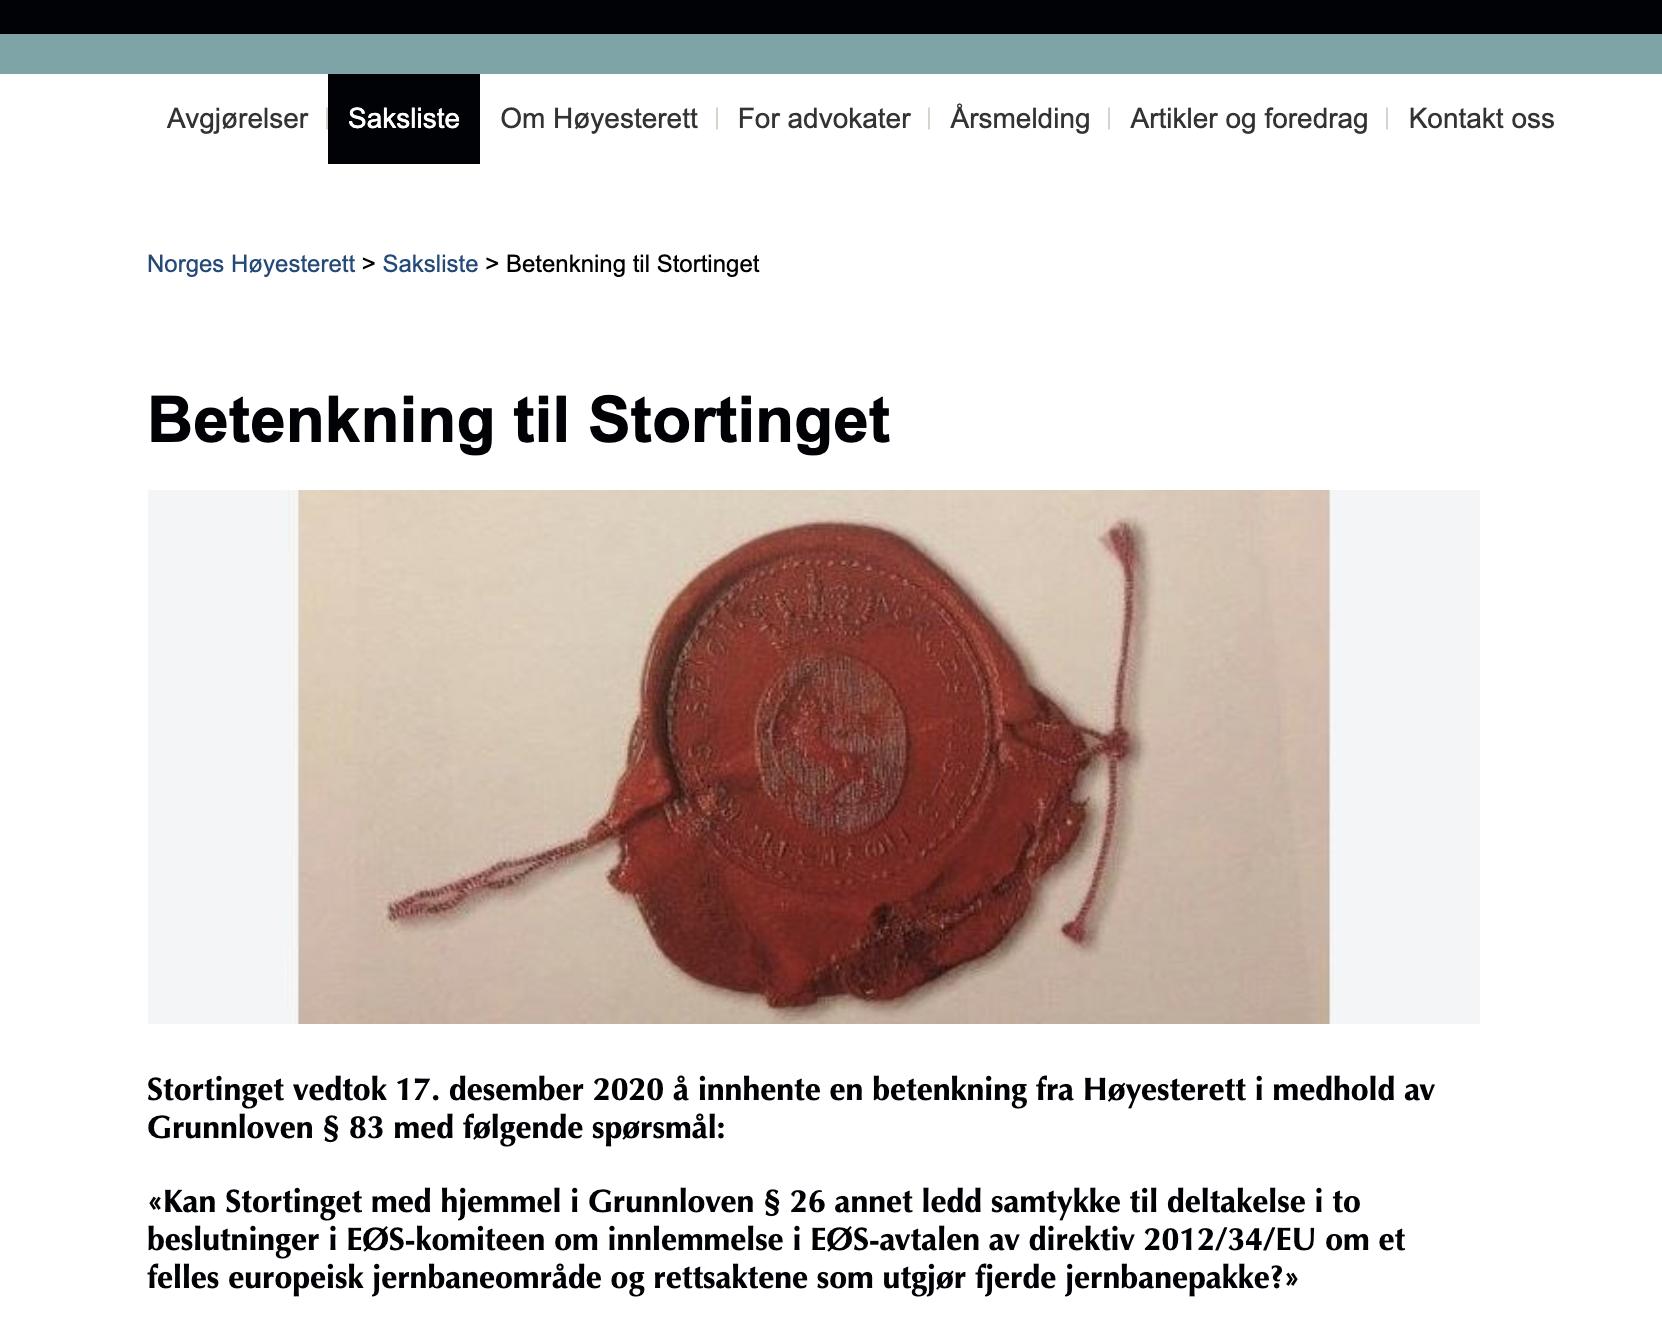 Betenkning fra Høyesterett - Høyesteretts konstitusjonelle kattepine